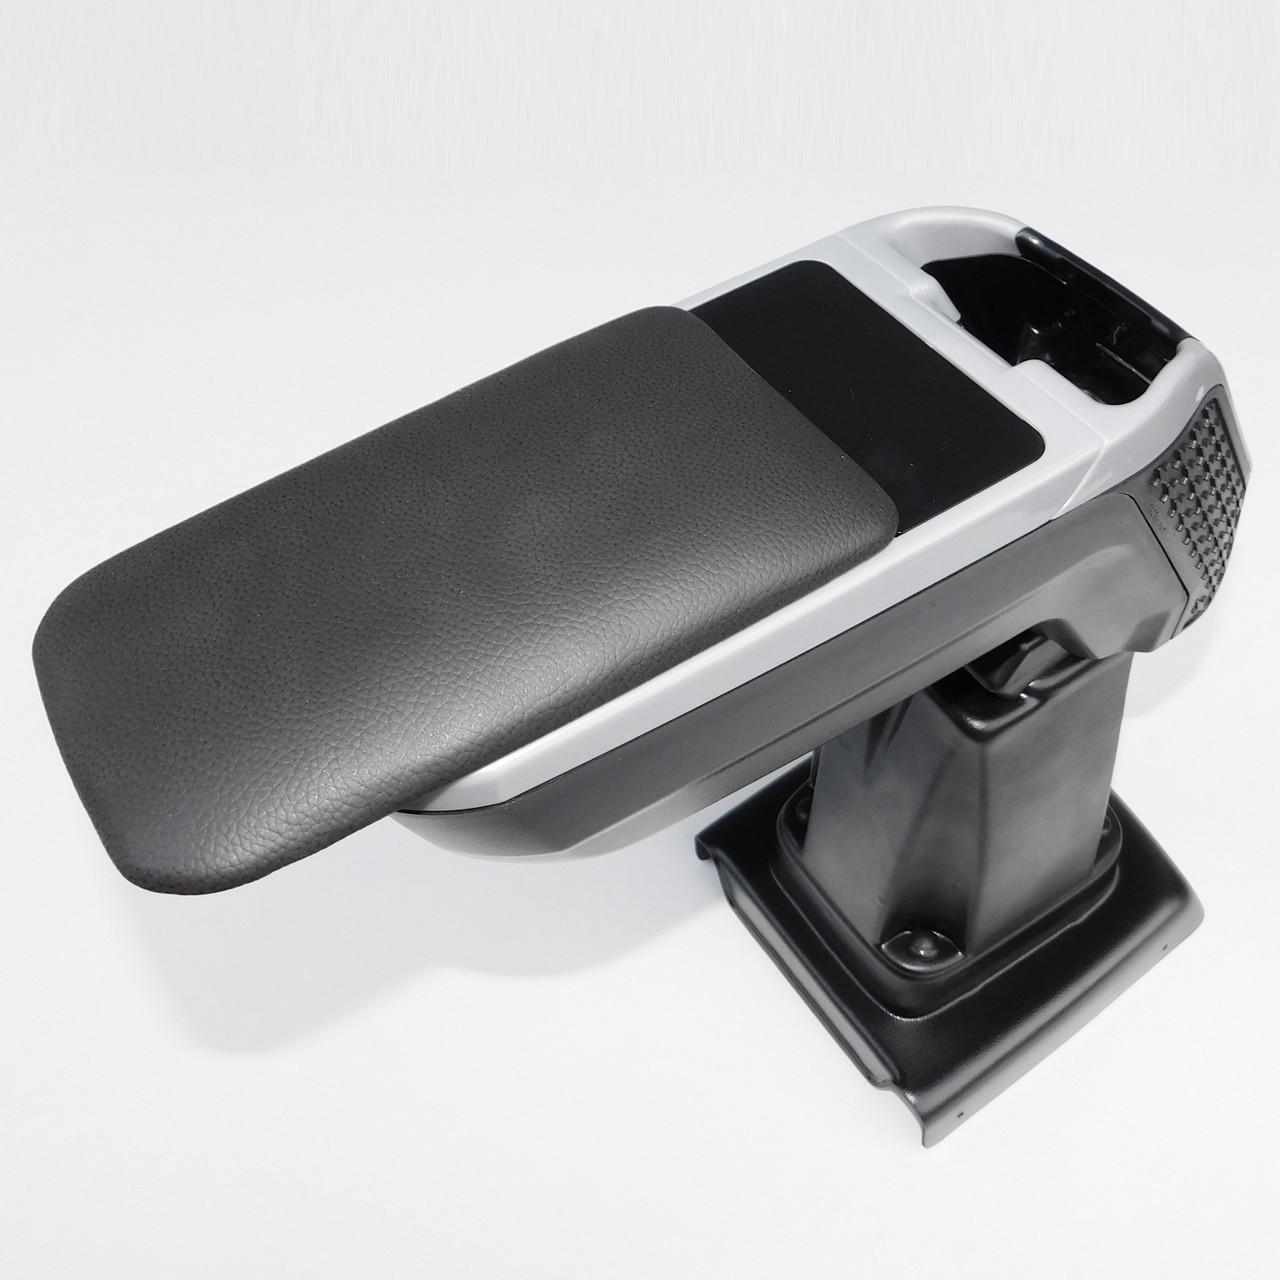 Підлокітник Armcik s4 з зсувною кришкою і рег. нахилом для Peugeot Partner lll / Rifter 2018> /електр.гальмо/, фото 4